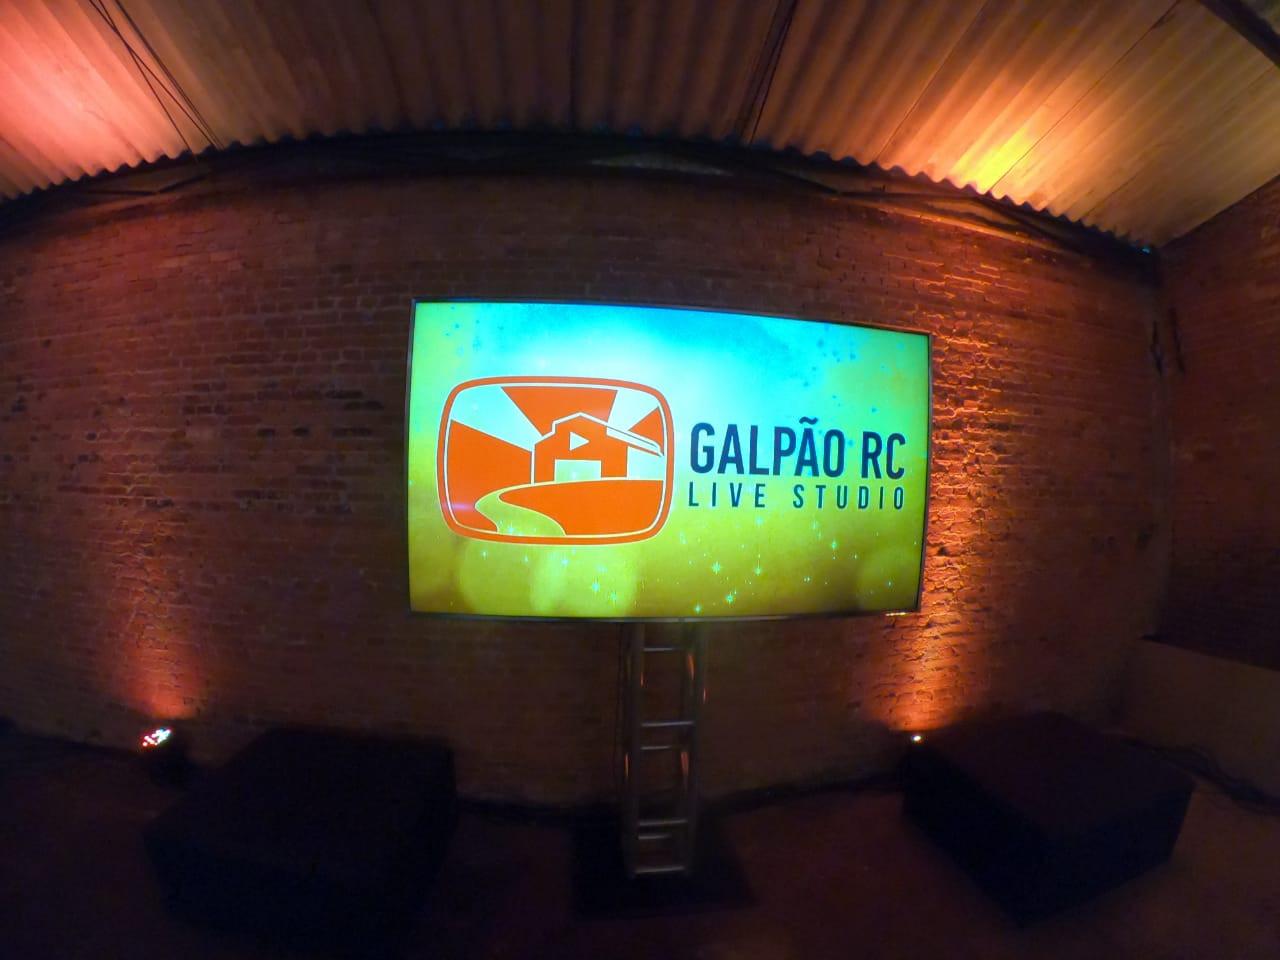 Galpão RC - Espaço para lives